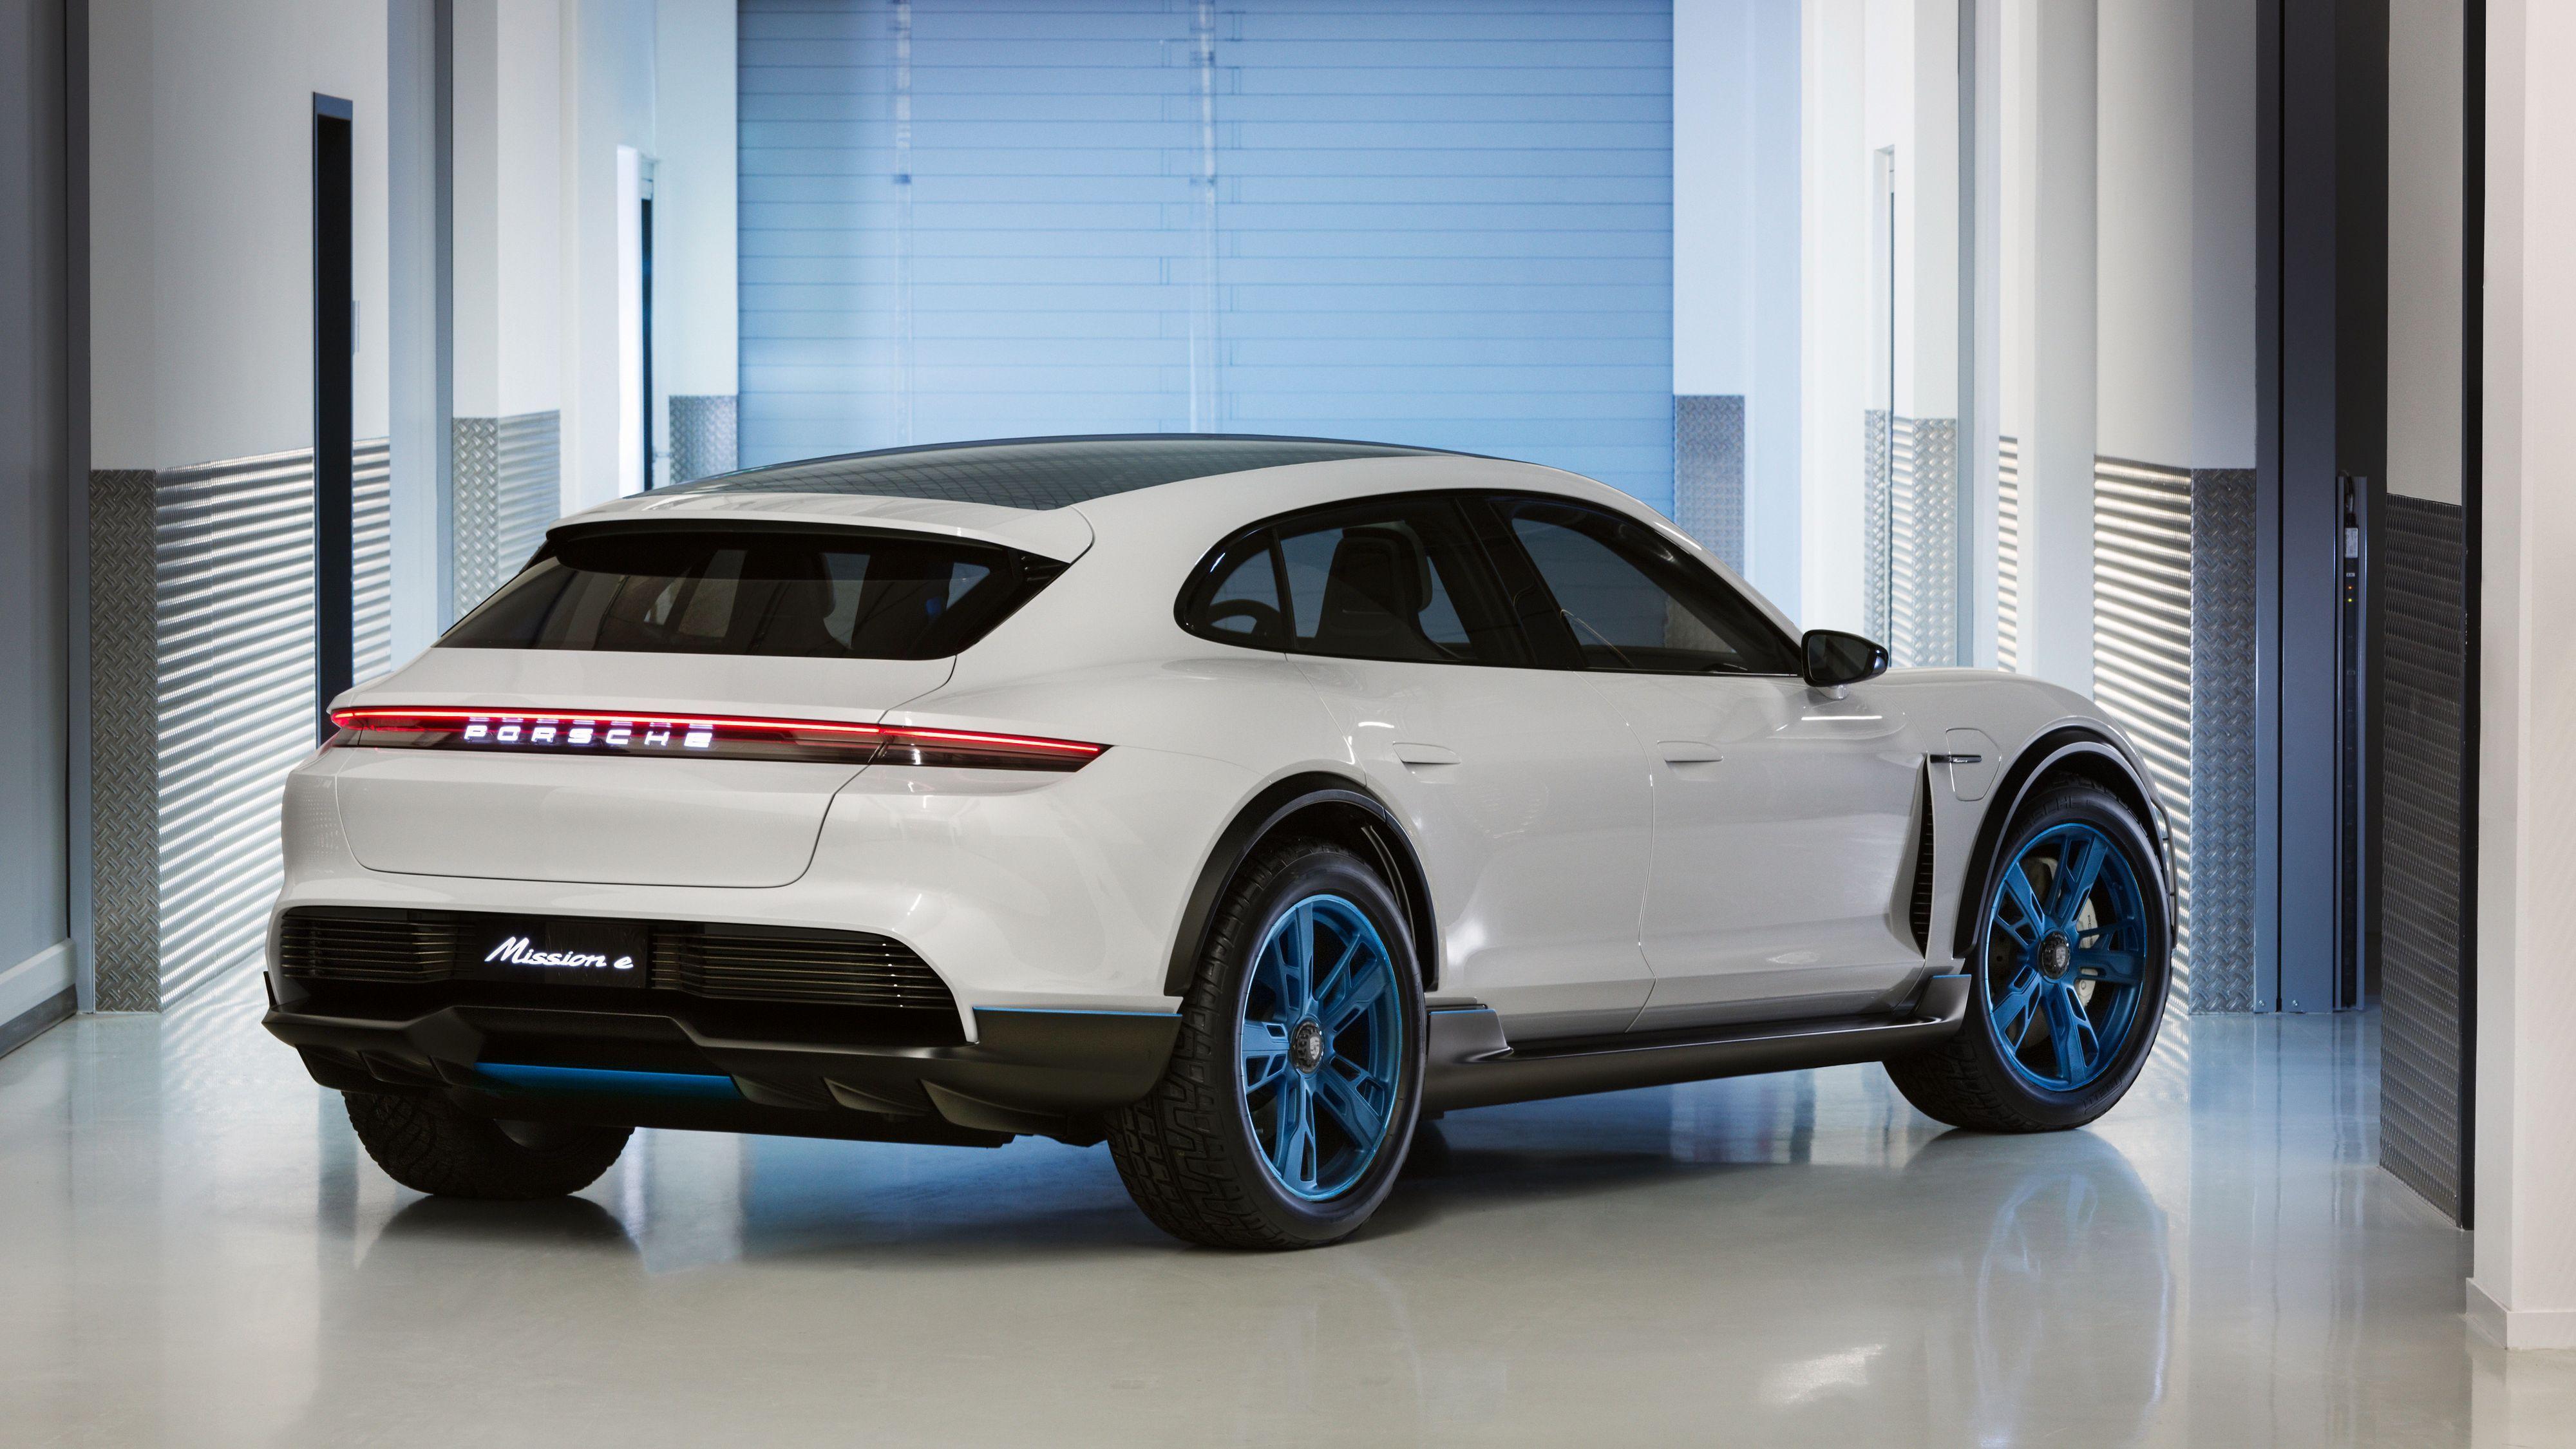 Porsche utsetter neste elbil